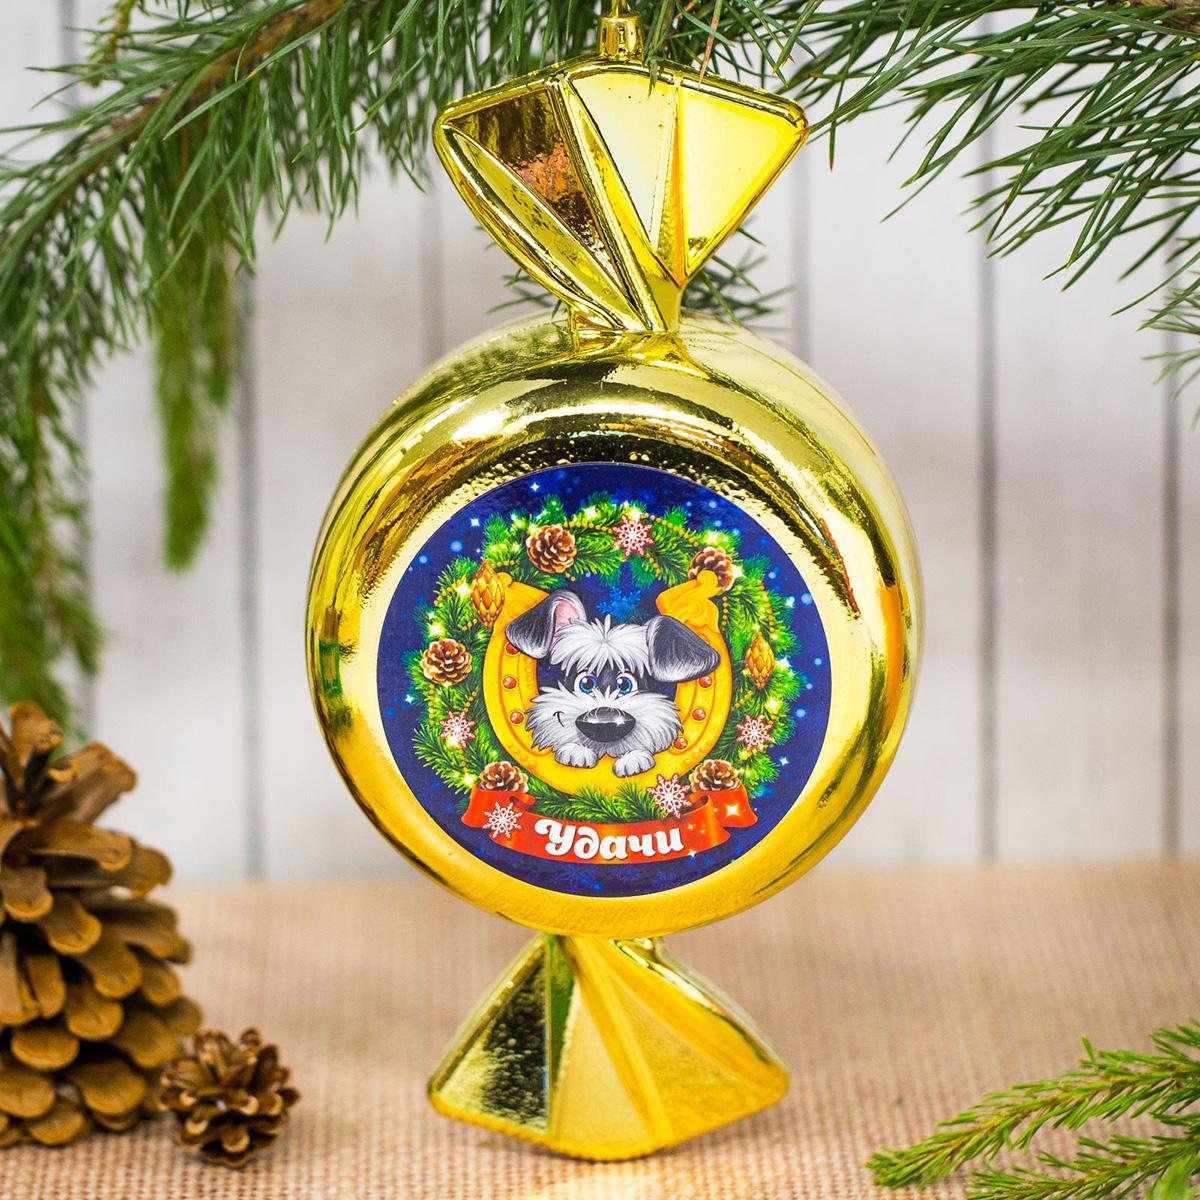 Новогоднее подвесное украшение Конфета. Удачи, 18 х 13 см2393781Новогоднее подвесное украшение отлично подойдет для декорации вашего дома и новогодней ели. С помощью специальной петельки украшение можно повесить в любом понравившемся вам месте. Но, конечно, удачнее всего оно будет смотреться на праздничной елке.Елочная игрушка - символ Нового года. Она несет в себе волшебство и красоту праздника. Такое украшение создаст в вашем доме атмосферу праздника, веселья и радости.